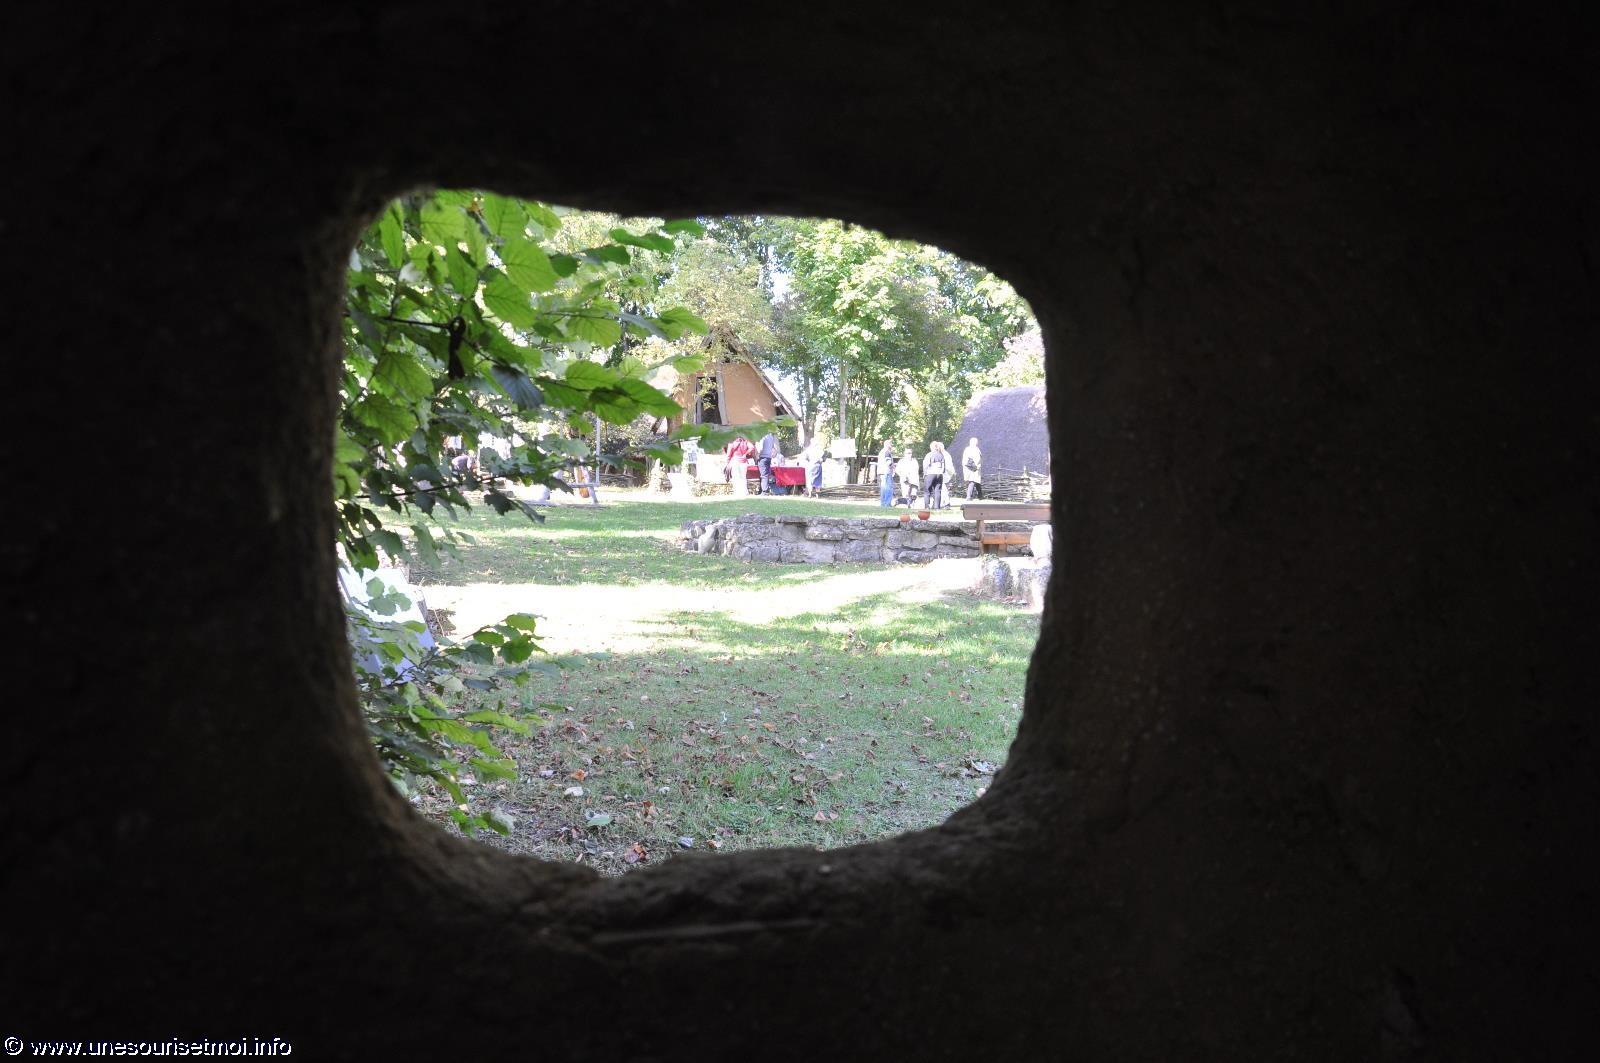 souvenir-de-week-end-en-france_archeosite_les-rues-des-vignes_59258_05